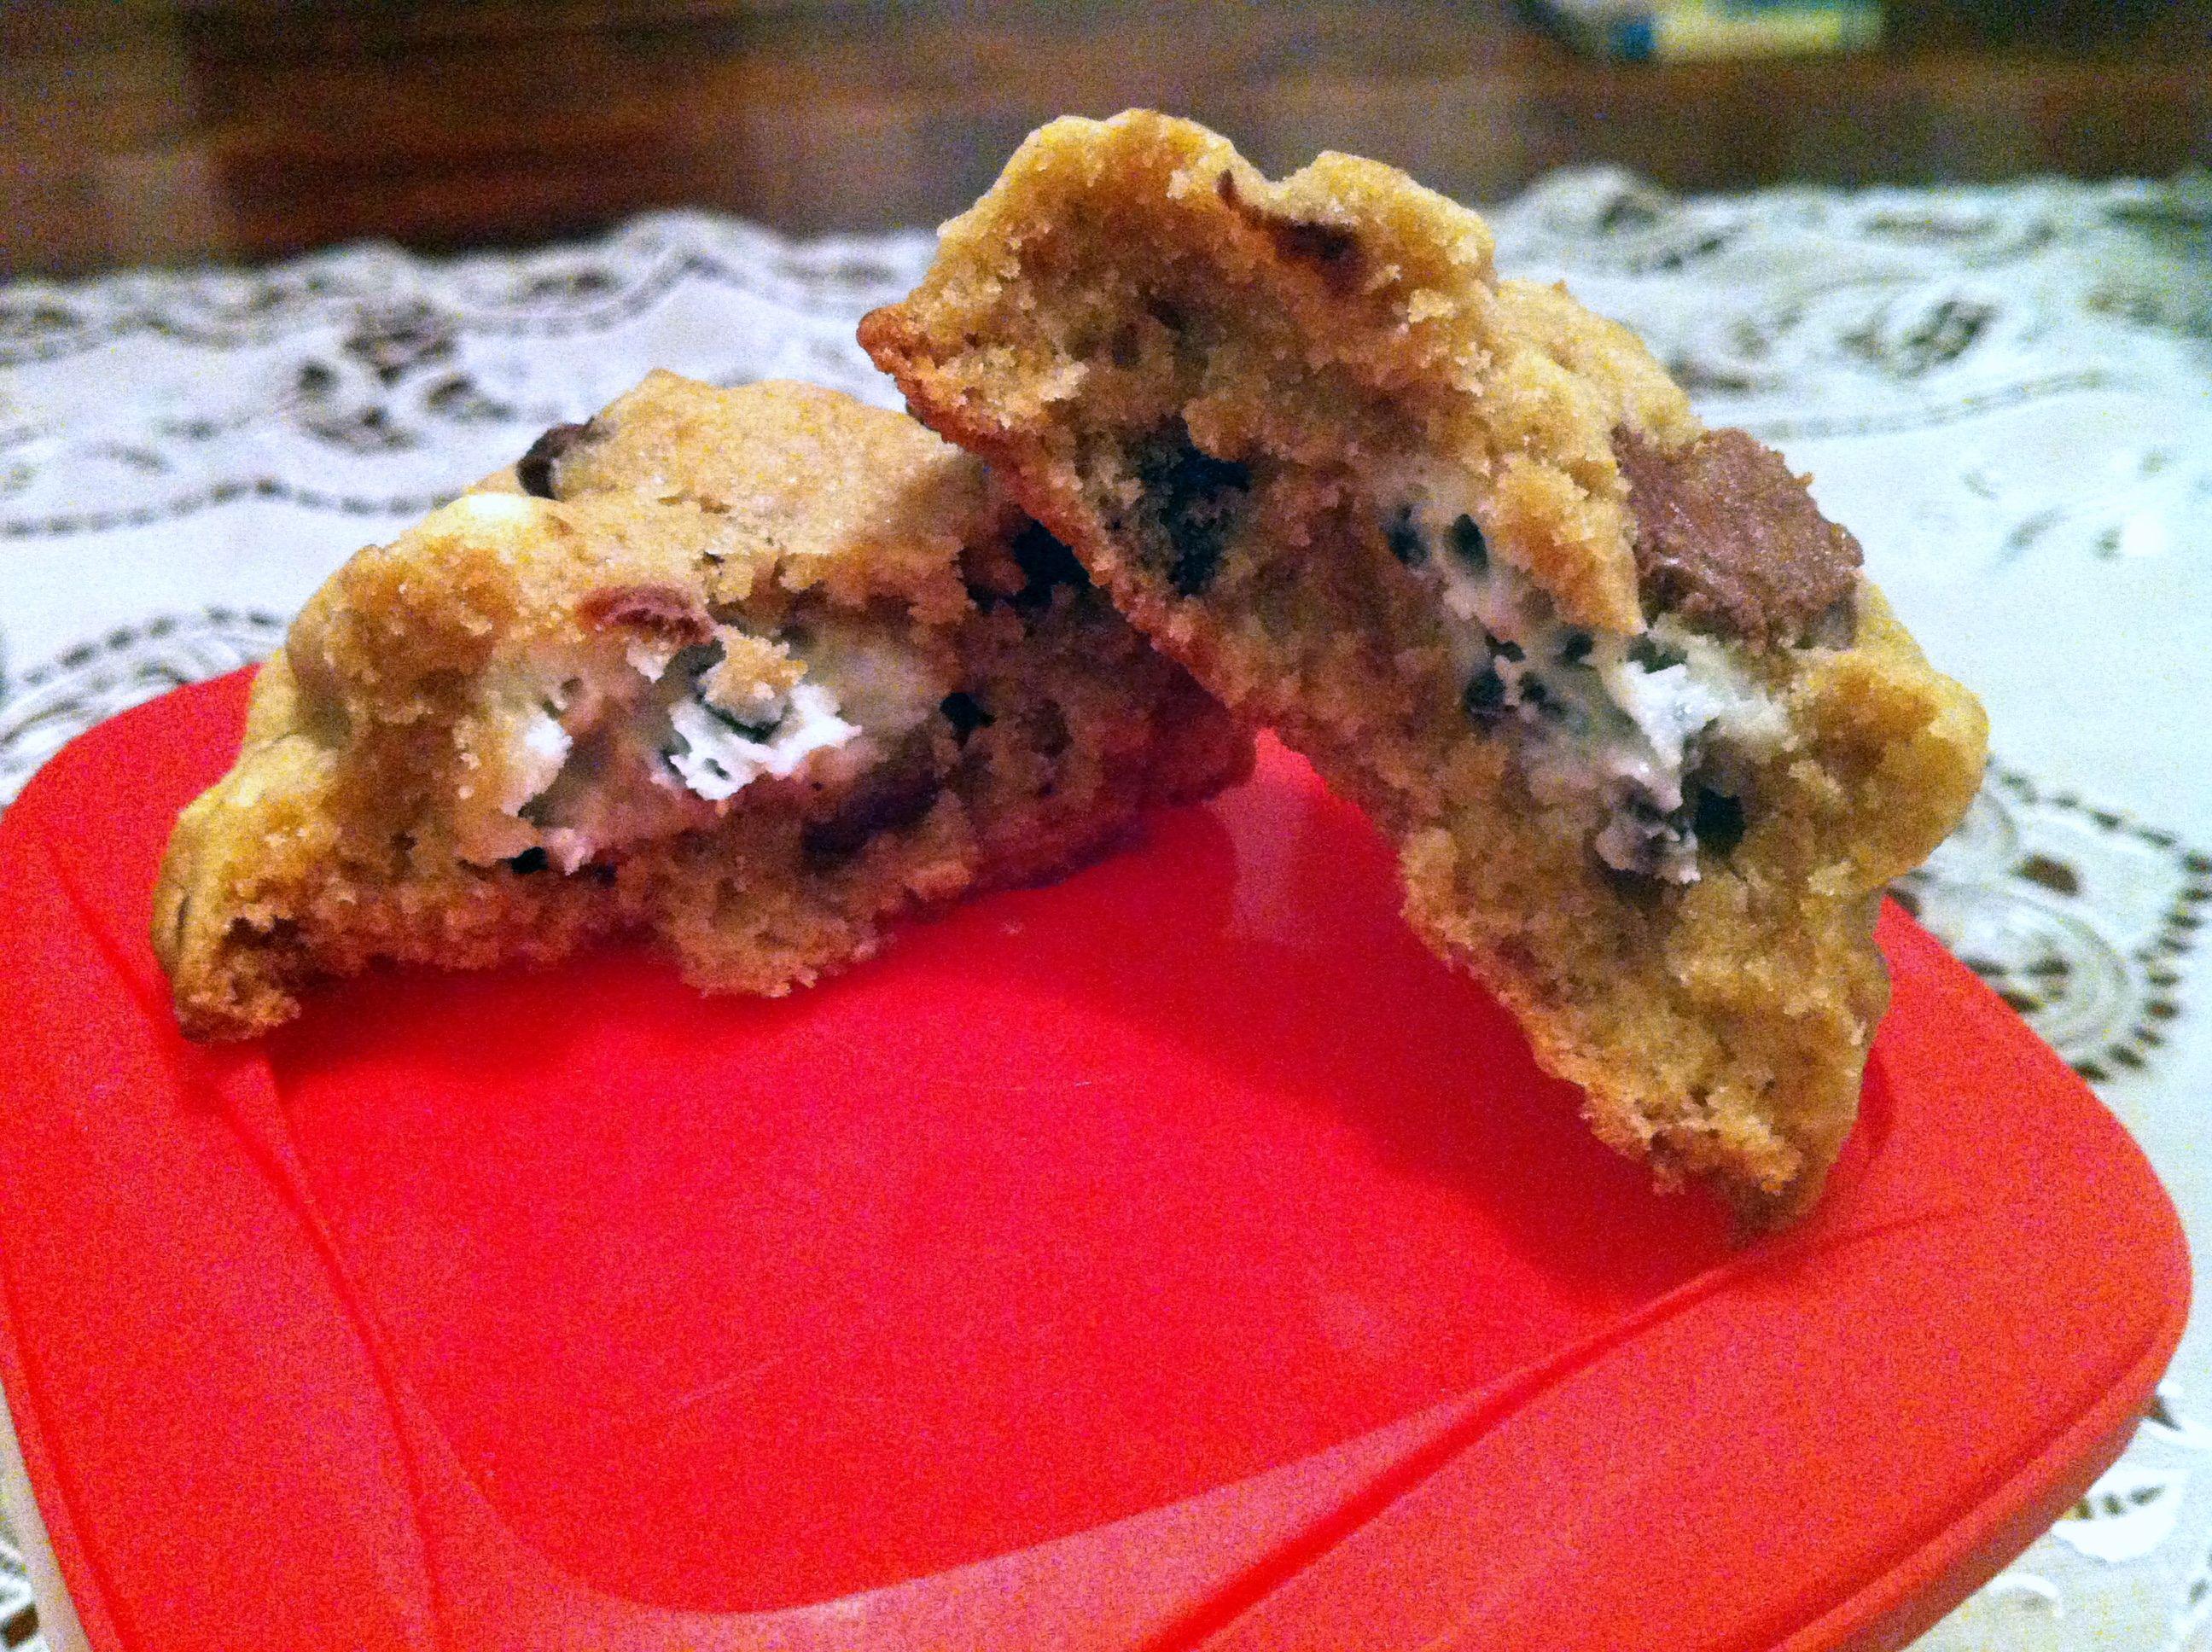 Cookies 'n' Creme Stuffed Chocolate Chip Cookies